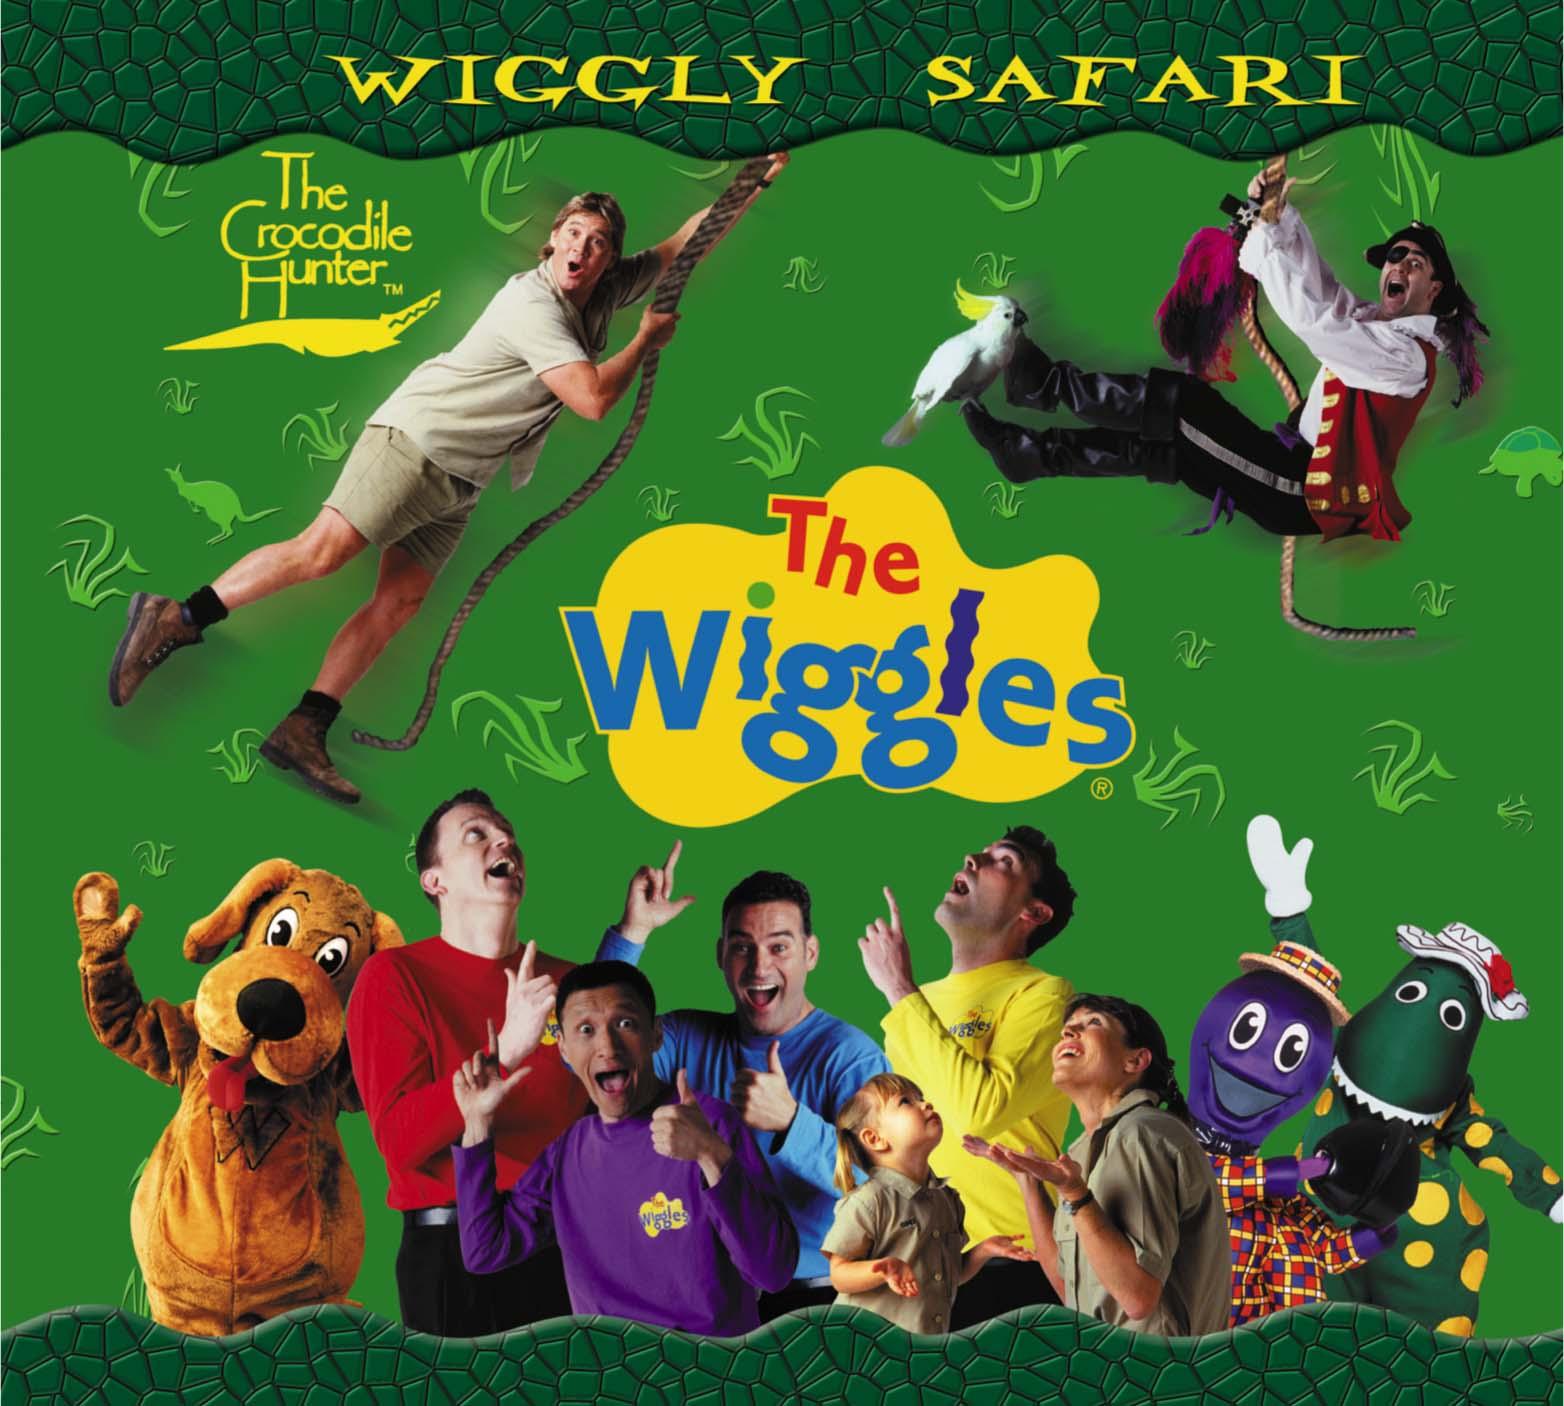 Wigglysafari